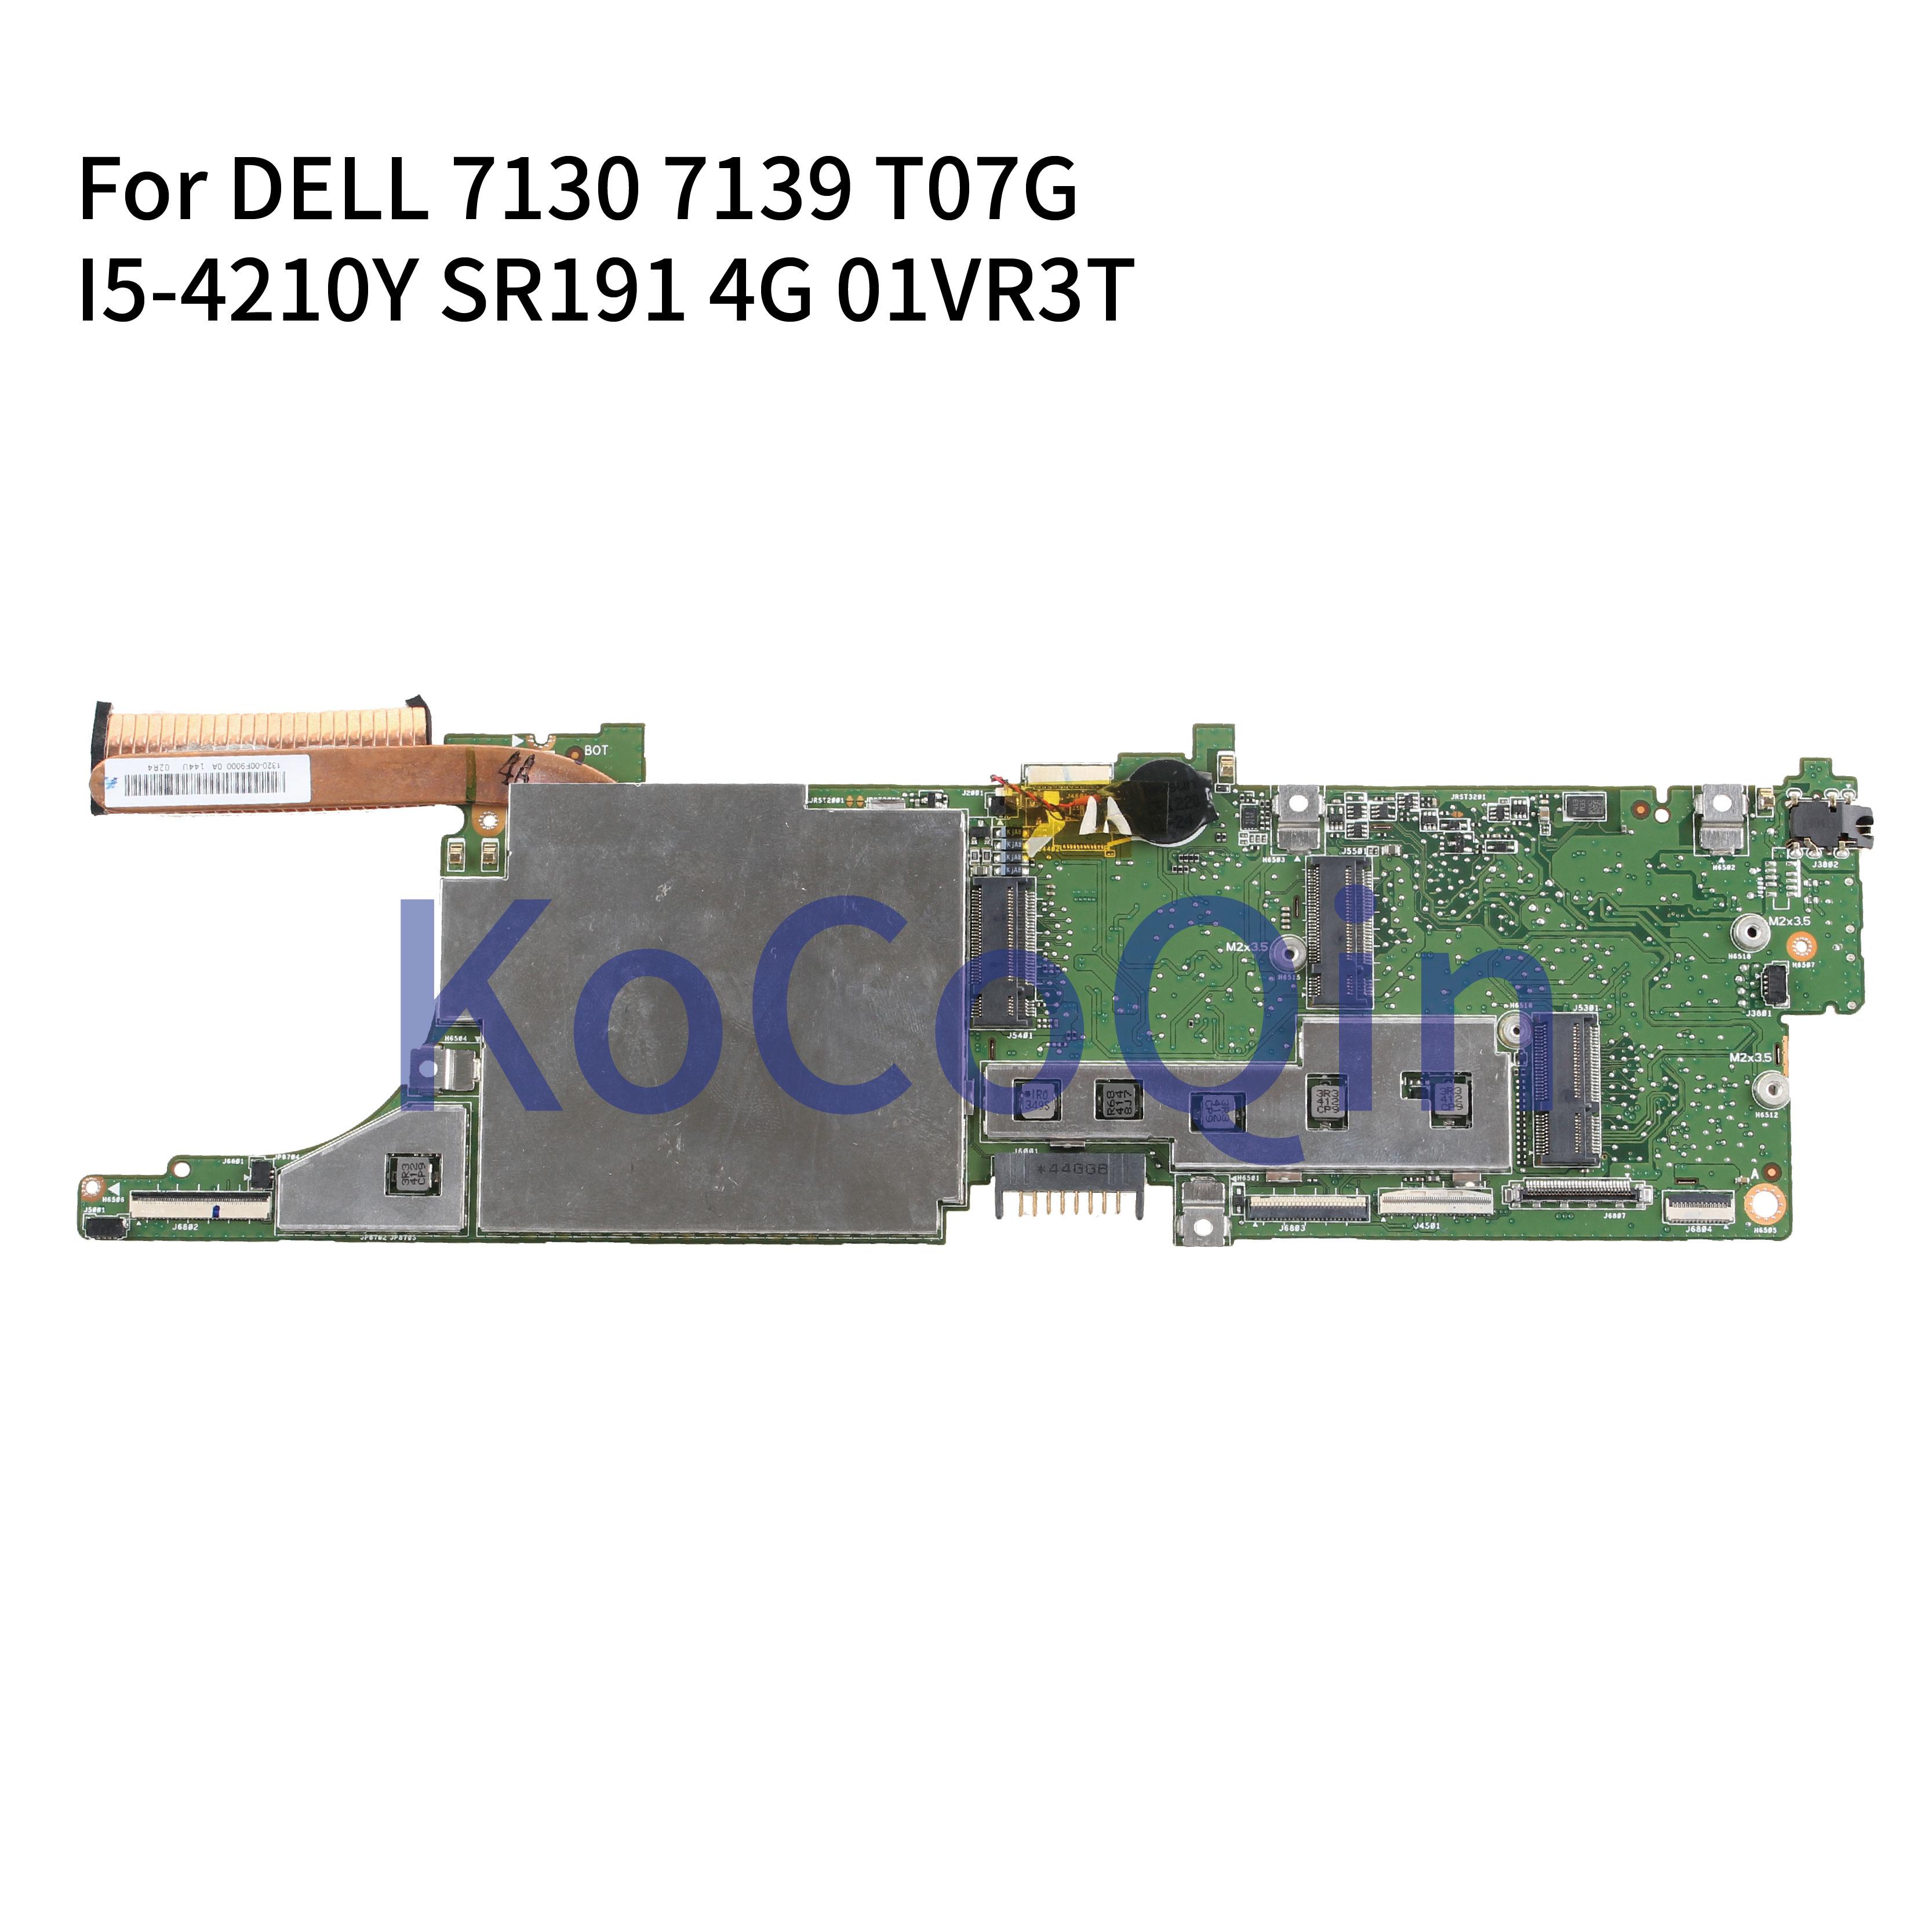 KoCoQin Laptop Motherboard For DELL Venue 11 Pro 7130 7139 T07G Mainboard CN-01VR3T 01VR3T I5-4210Y SR191 4G